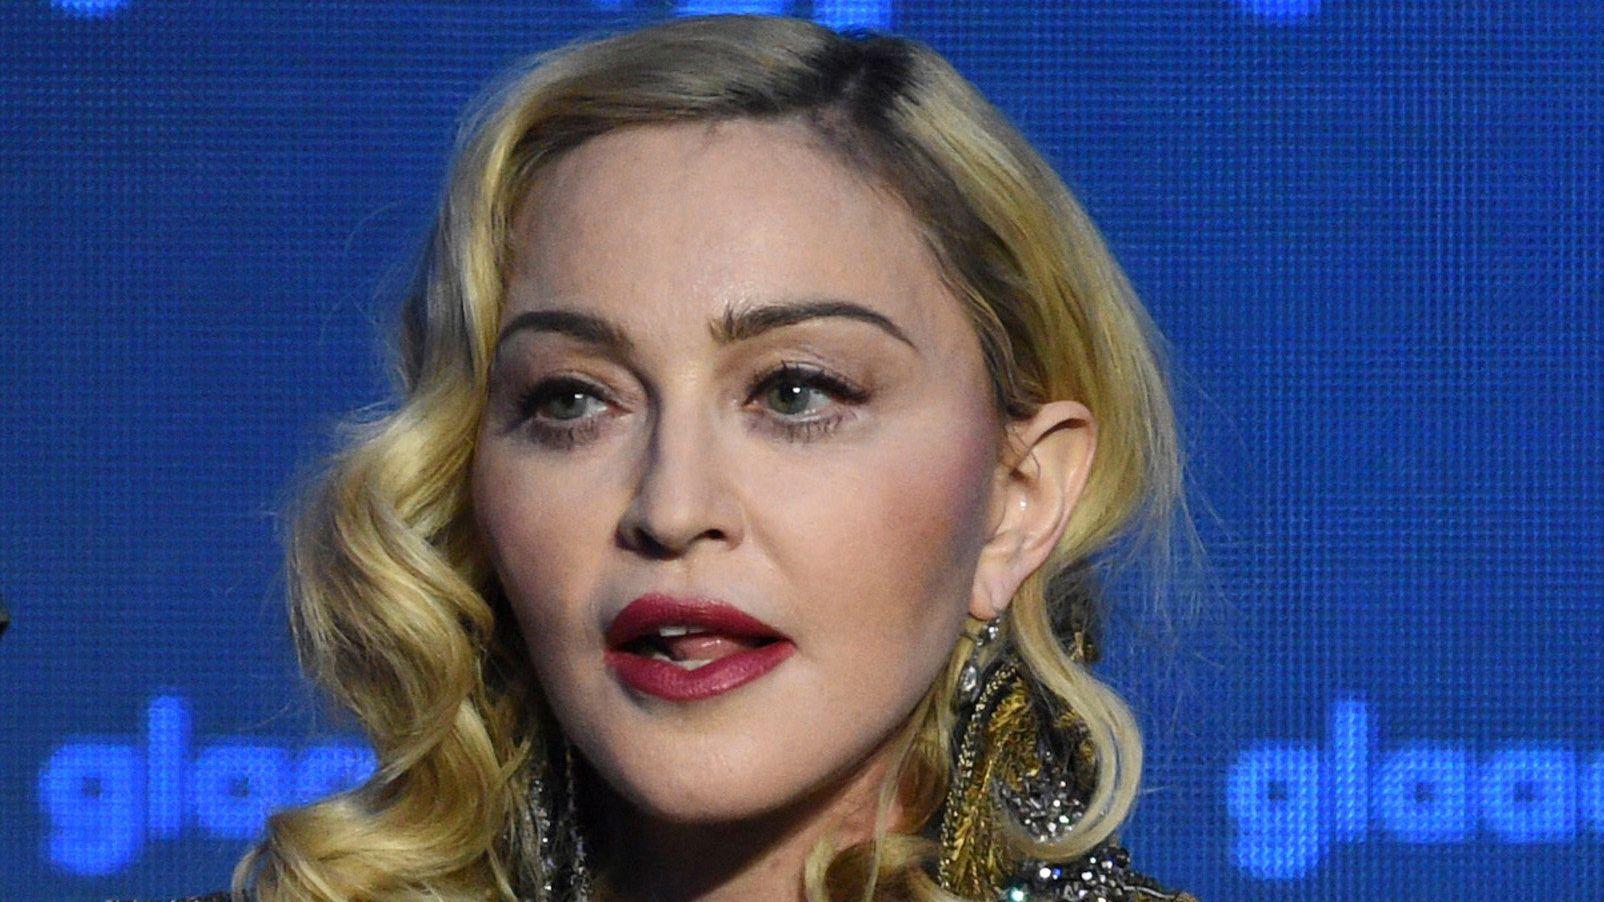 """Archivbild: Die US-amerikanische Sängerin Madonna nimmt den """"Advocate for Change-Award"""" bei den 30. jährlichen GLAAD Media Awards entgegen."""